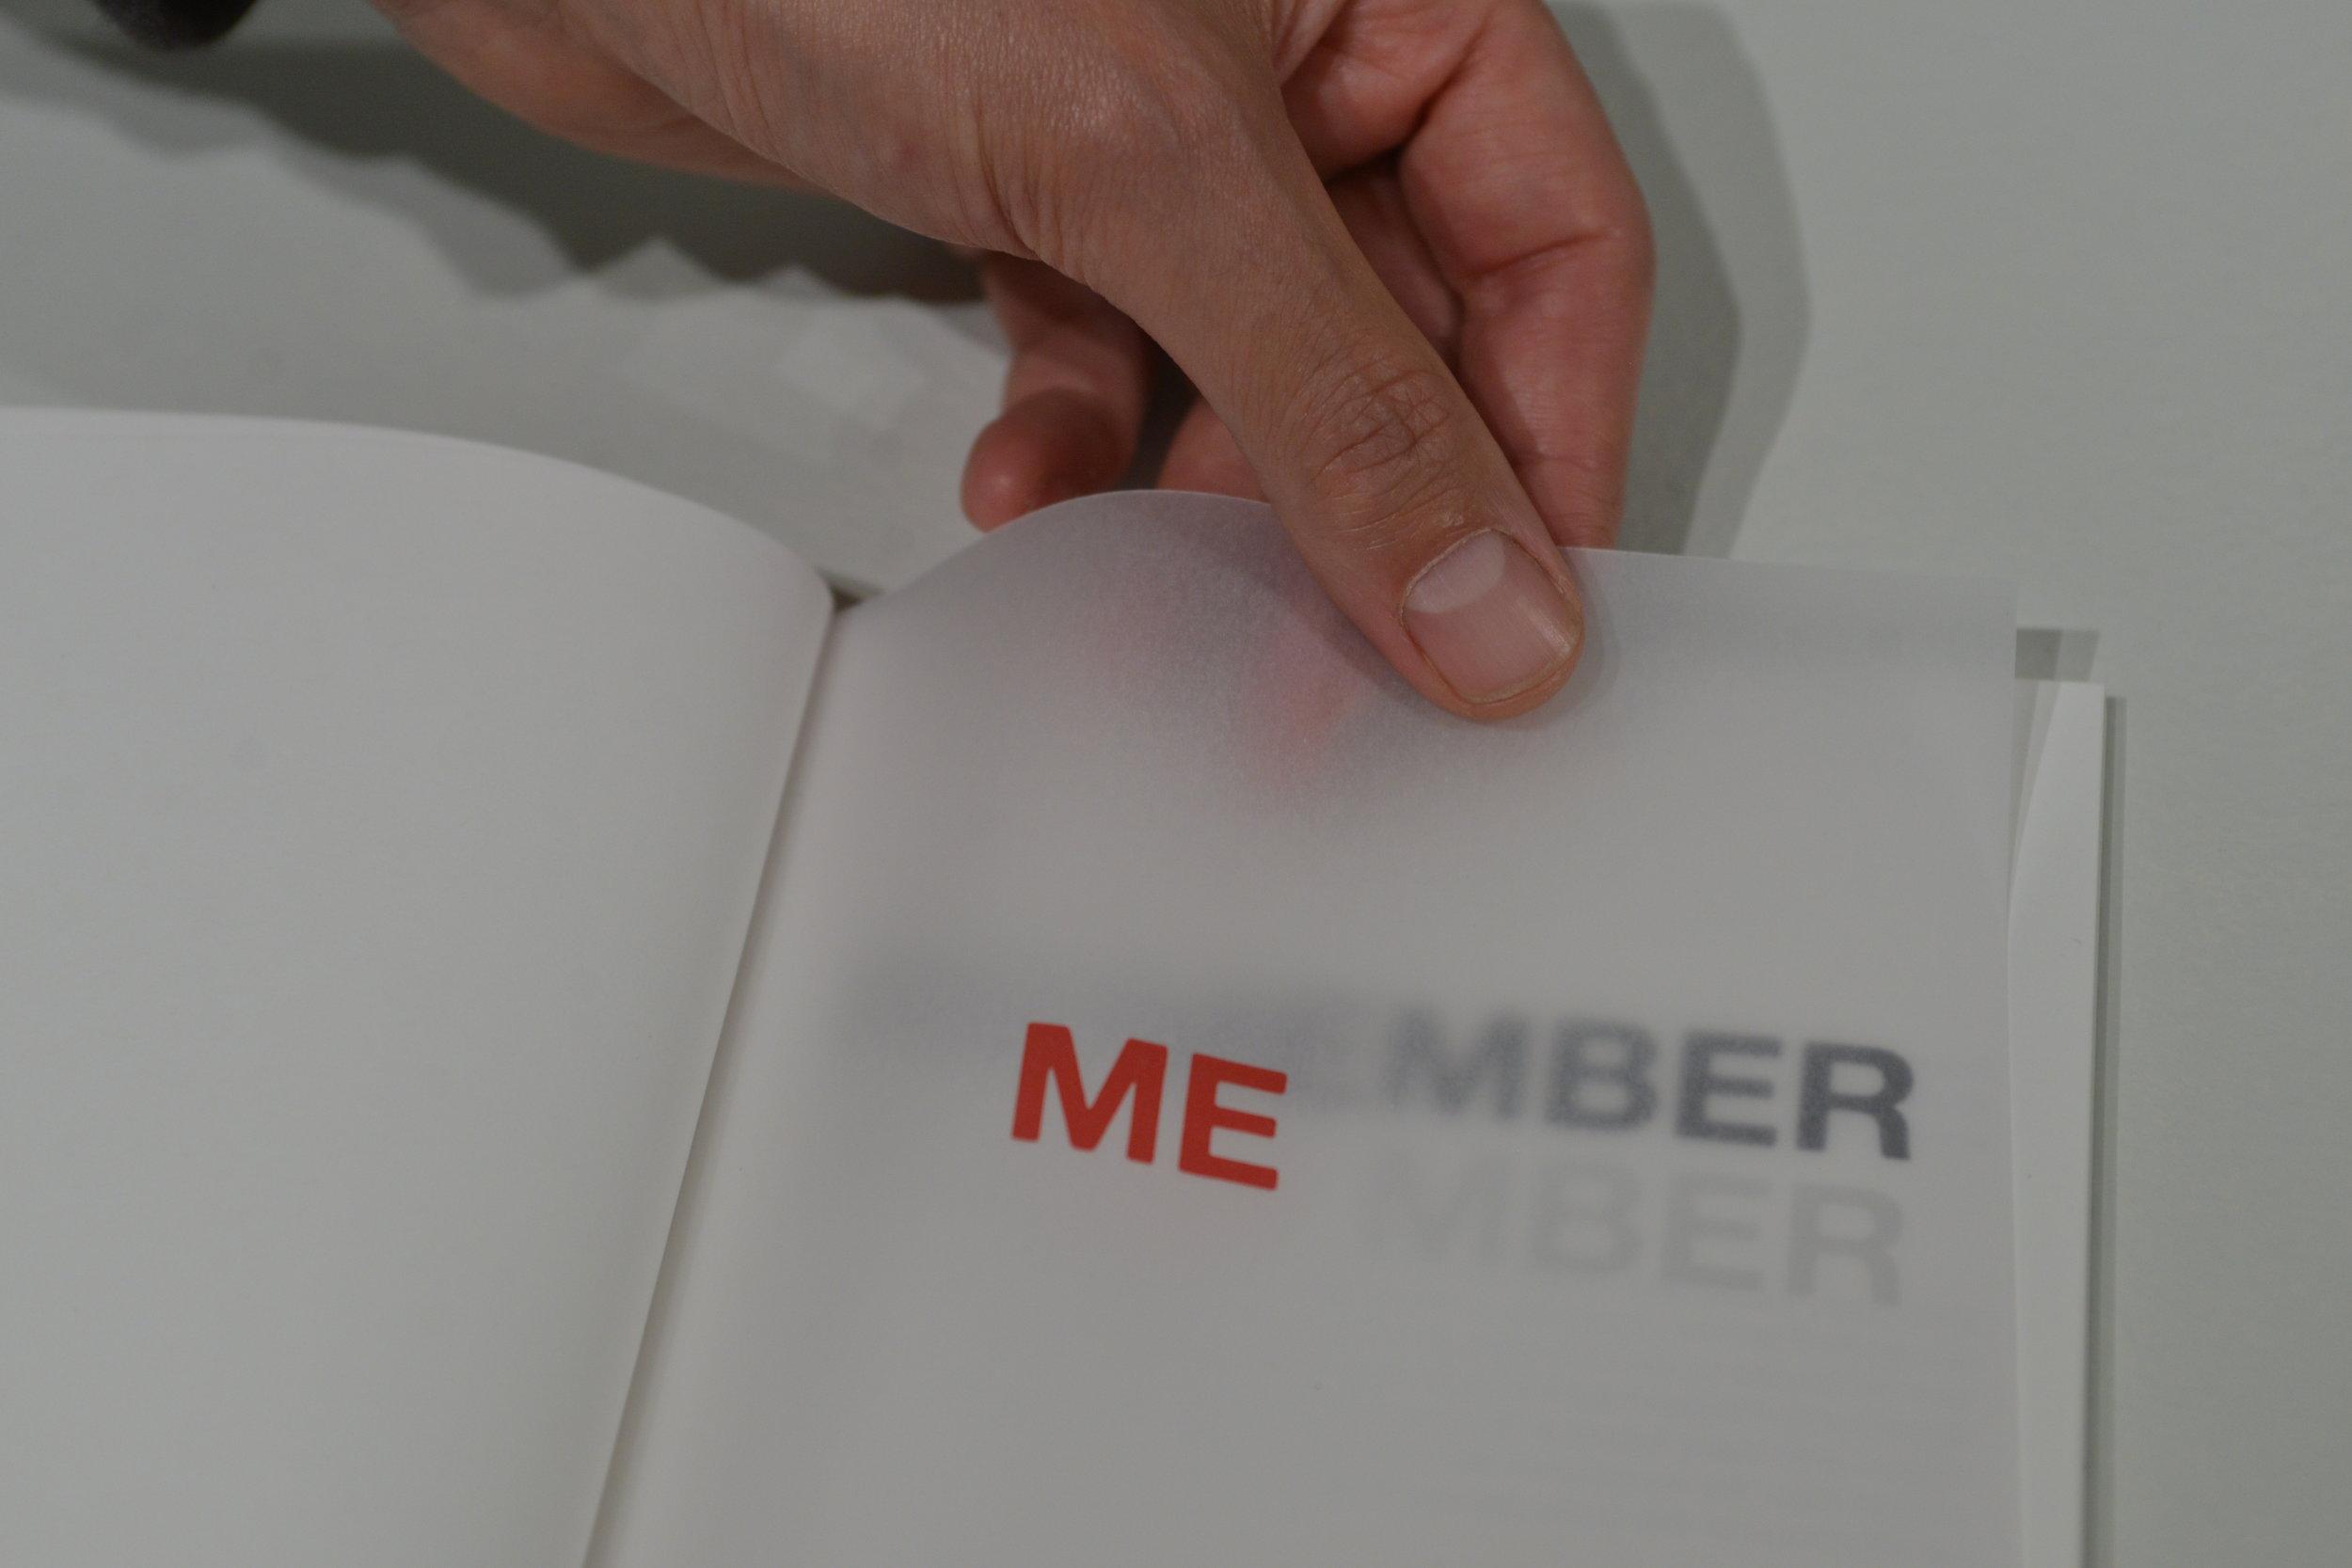 RememberMeBookMePage.JPG